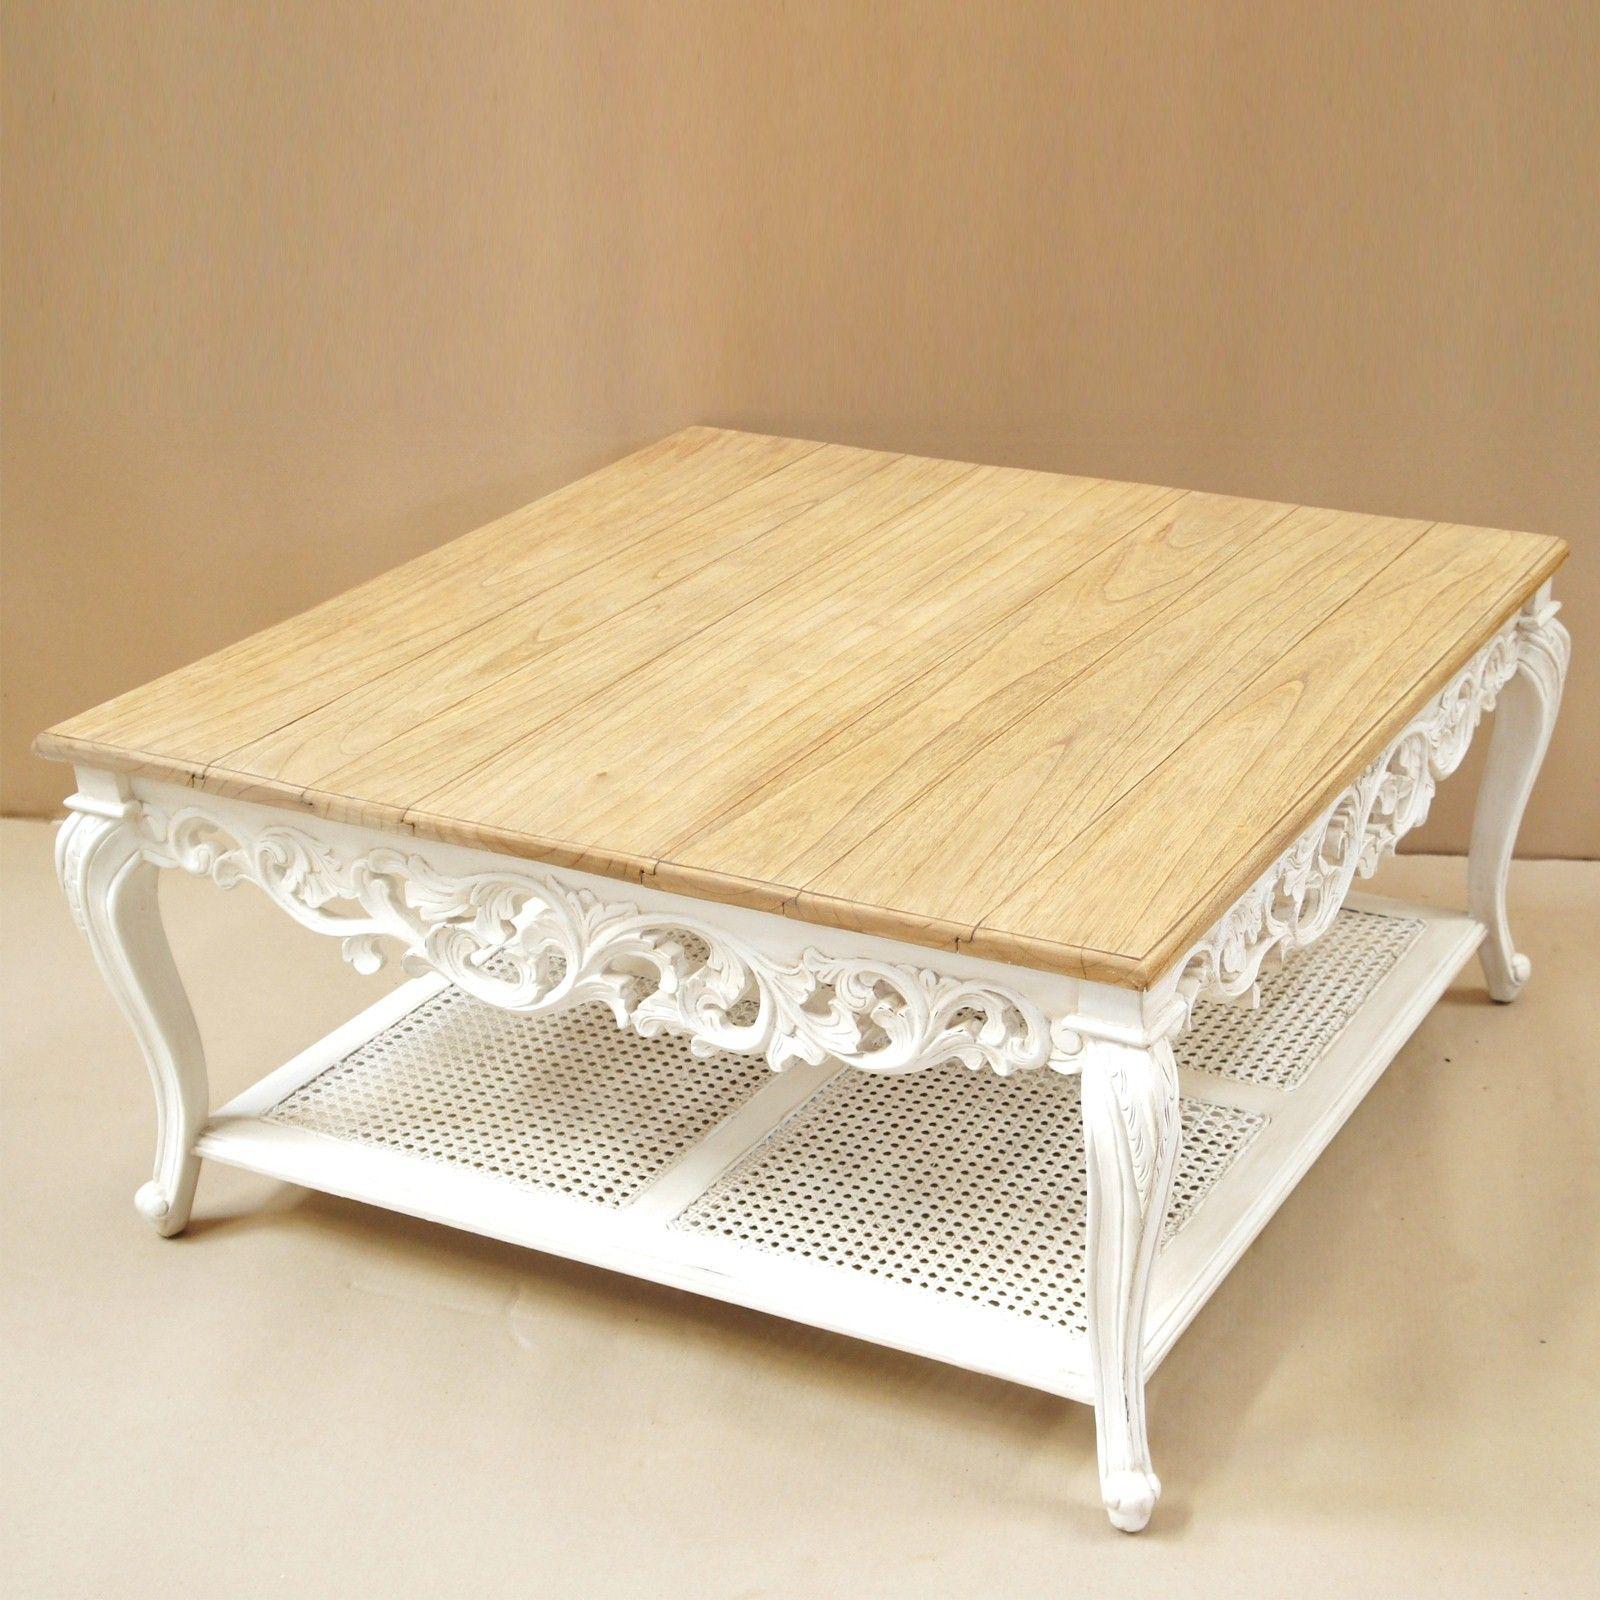 en plateau Table basse est style de chicLe sculptée shabby oBrdQWCxe